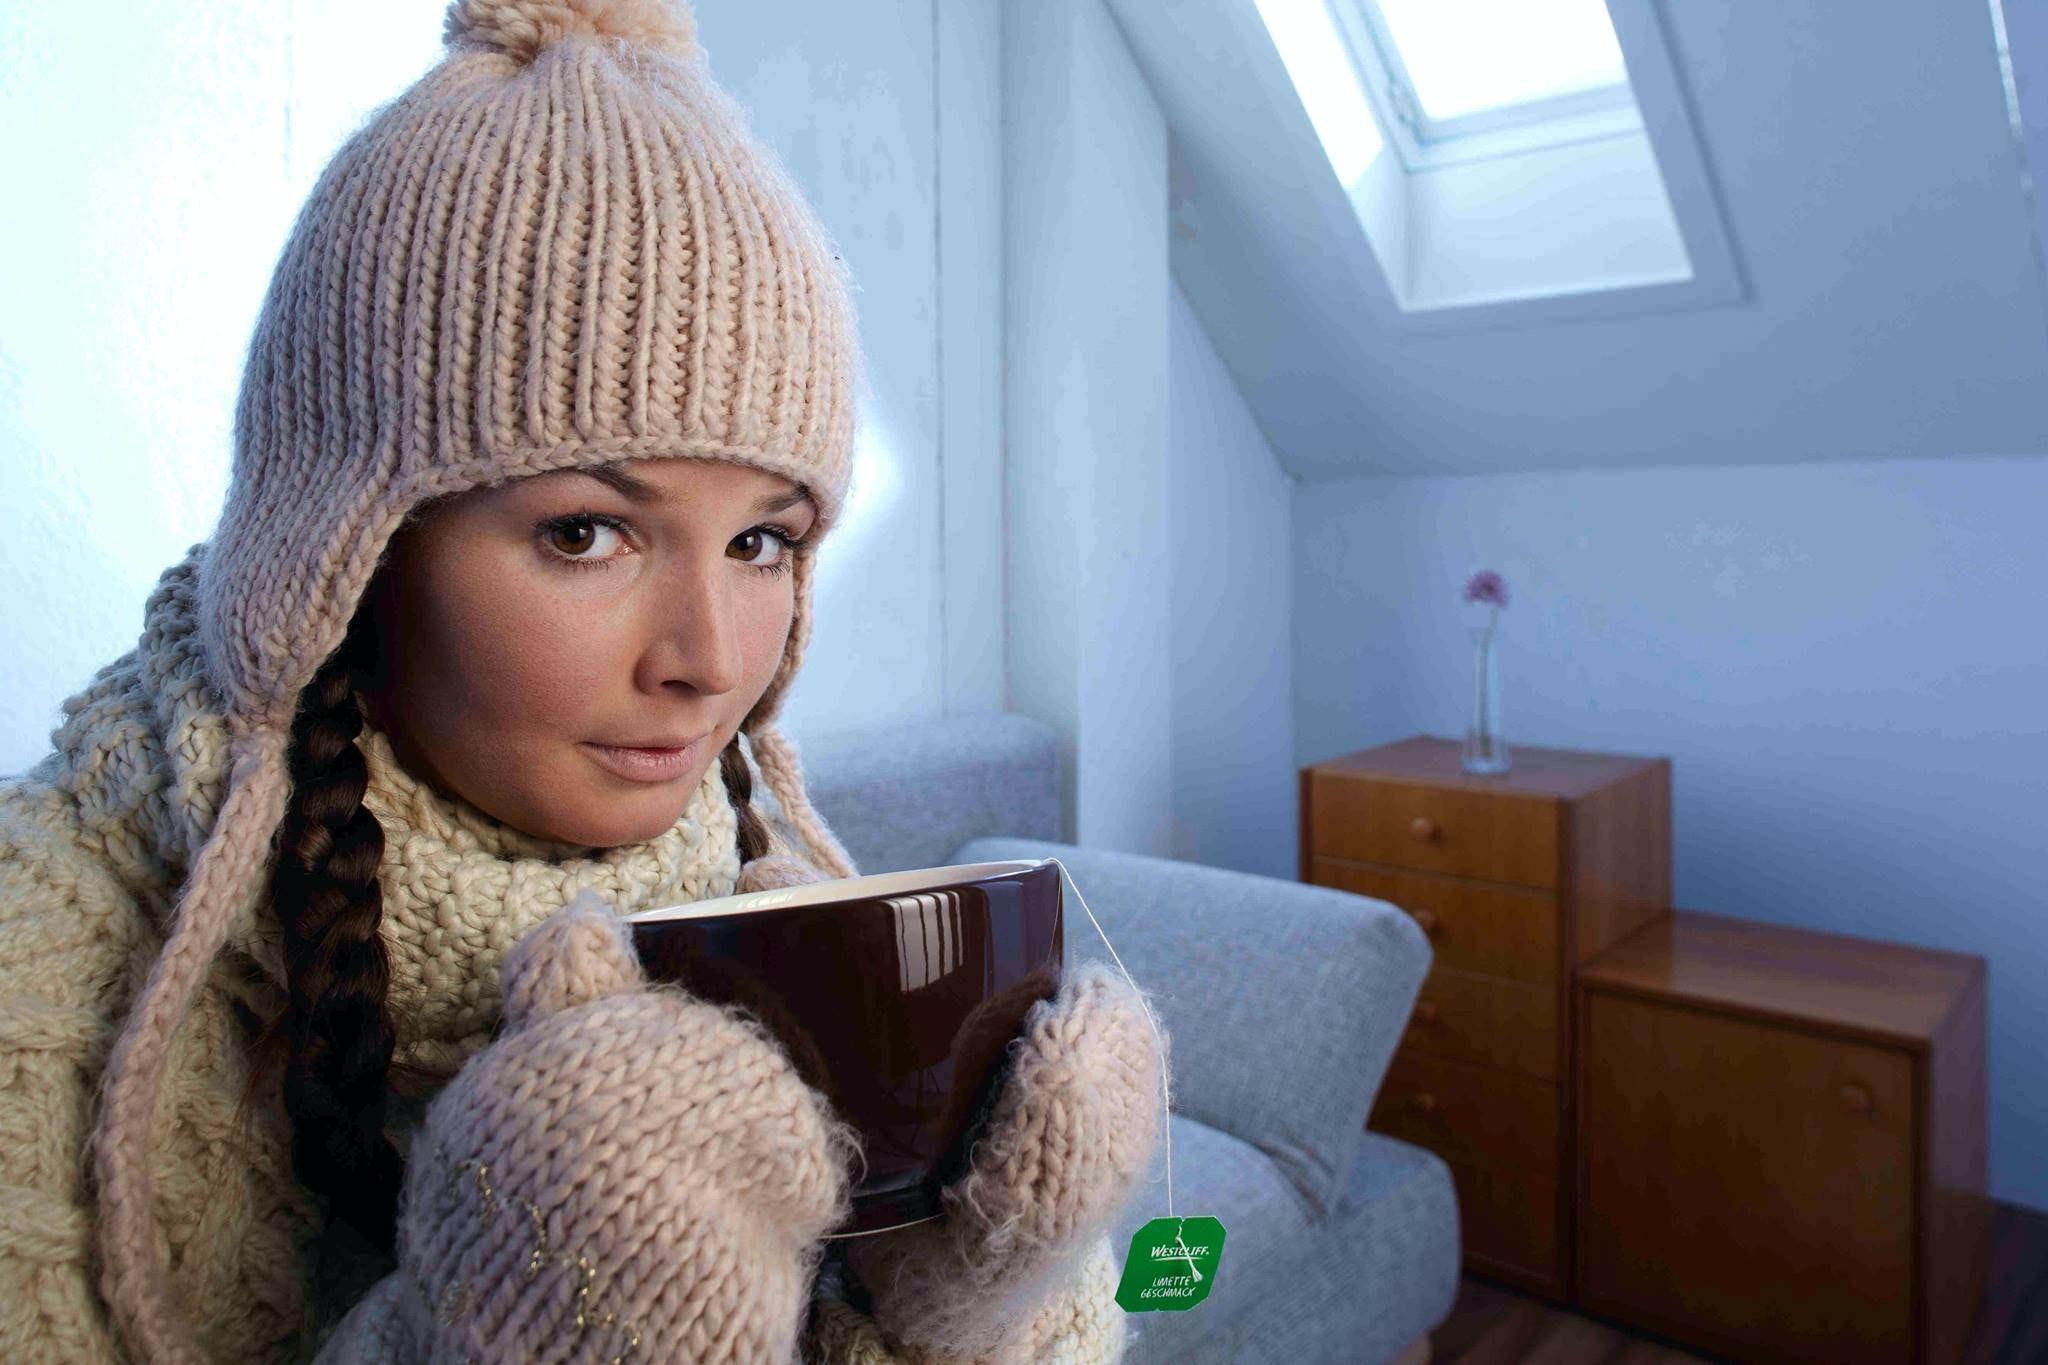 Холодный хребет Урала: тепло для слабаков – считают чиновники